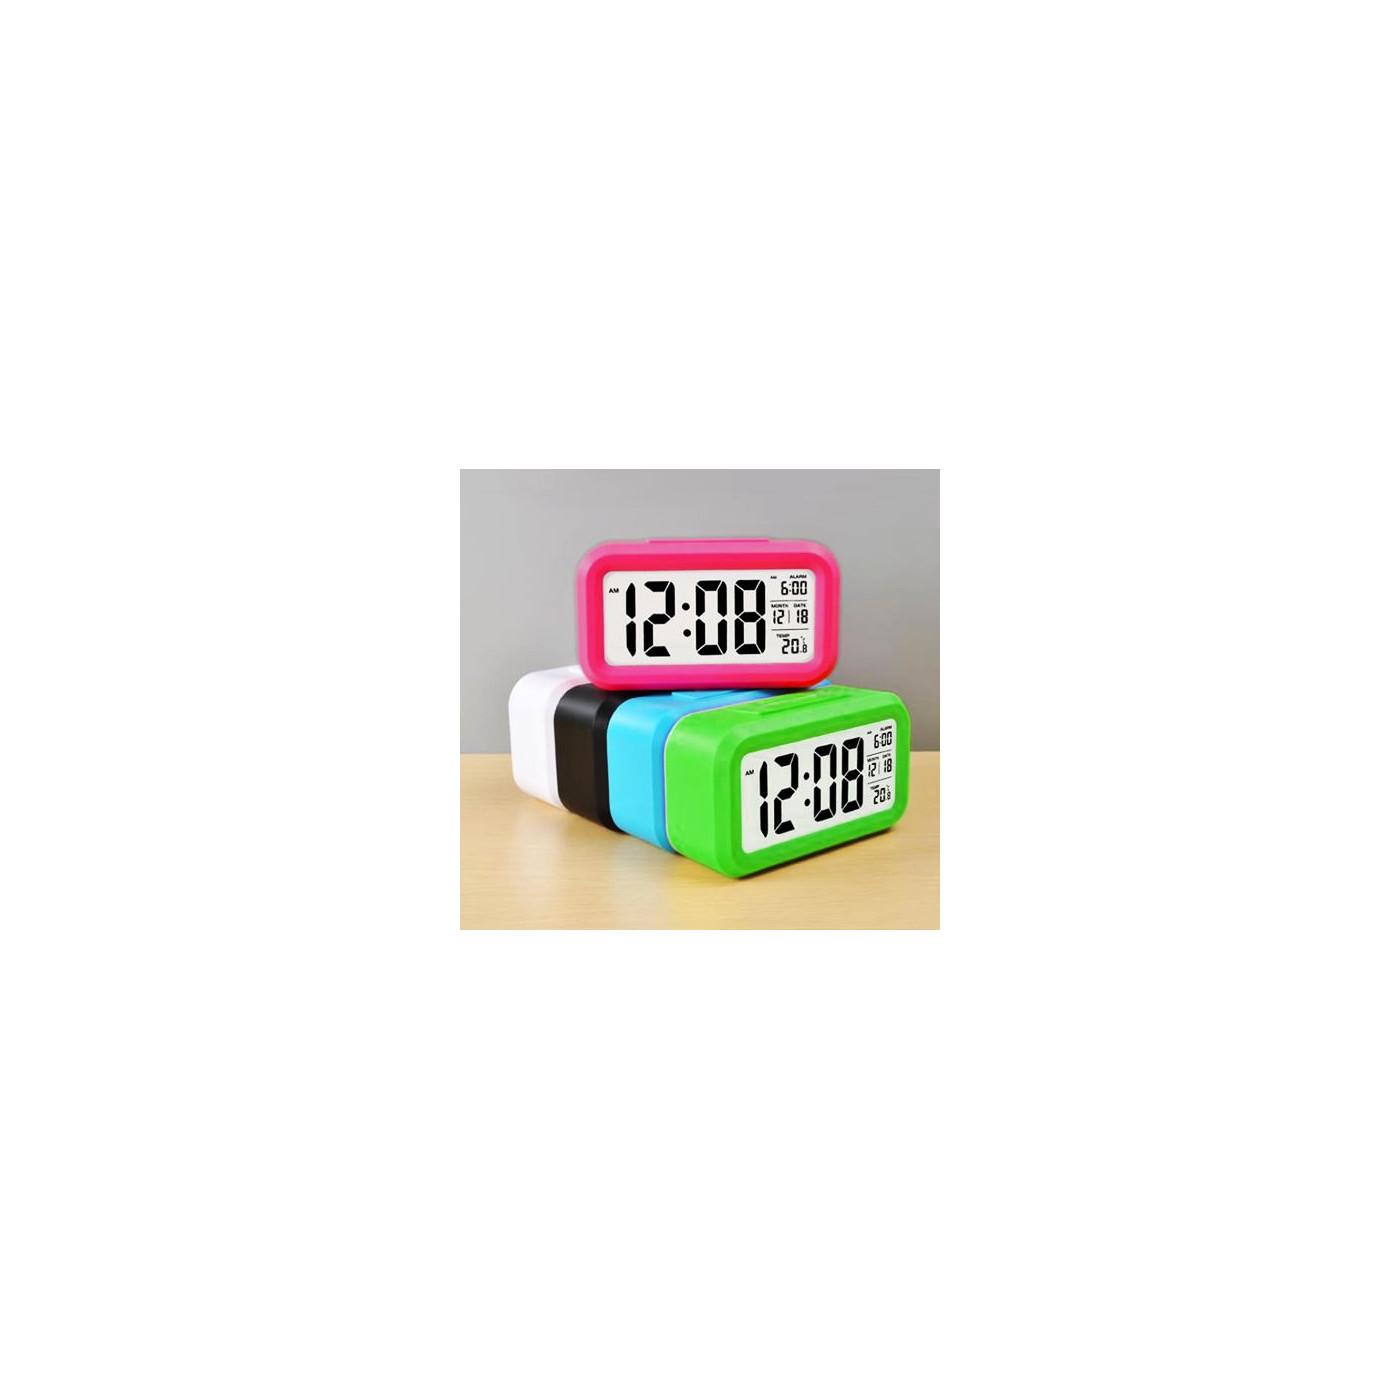 Horloge avec réveil de couleur joyeuse: blanc